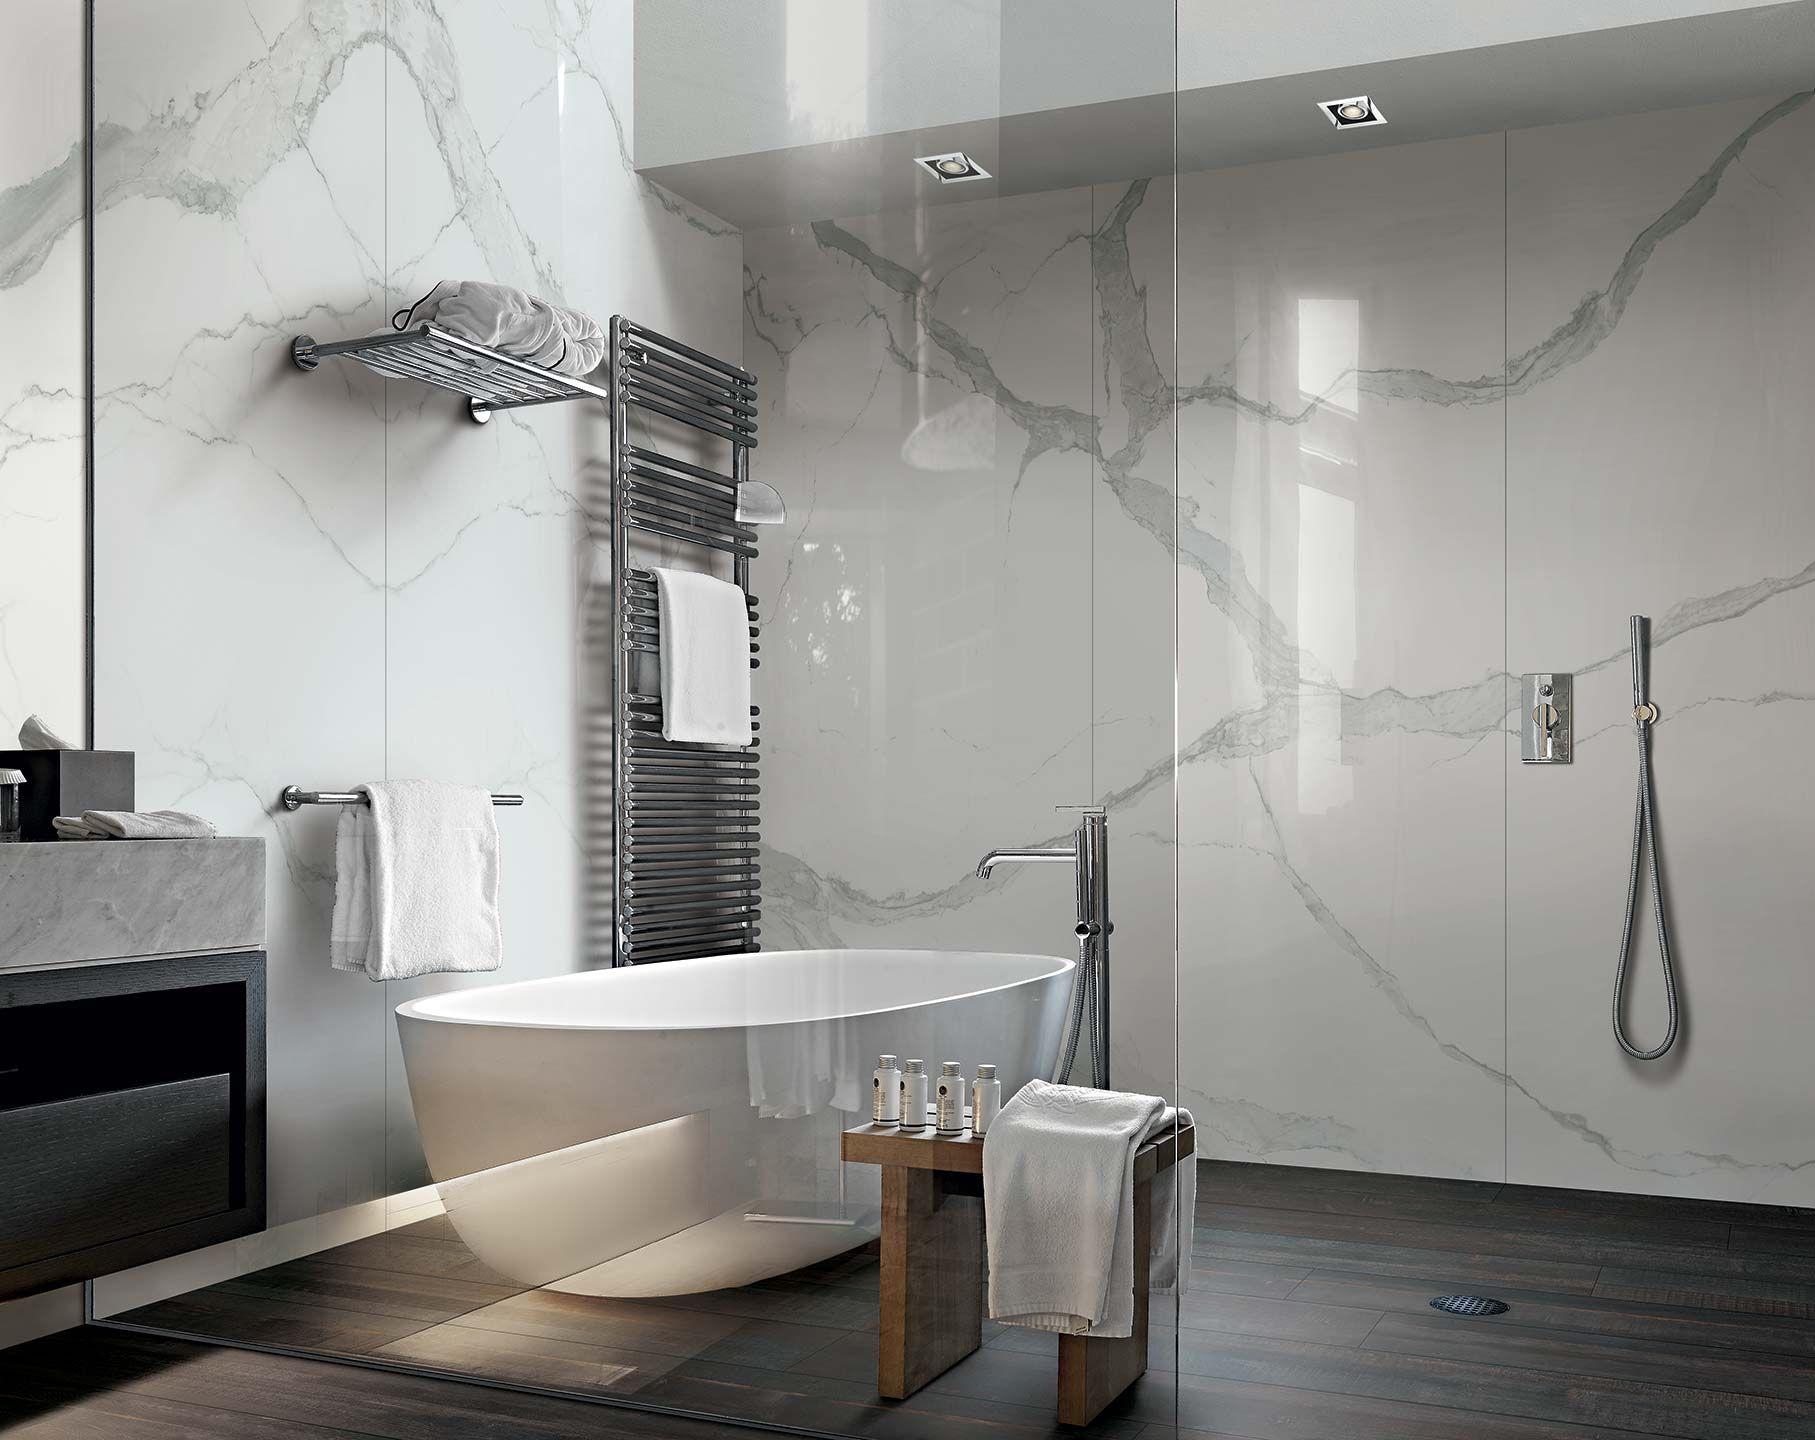 Lambris Pvc Salle De Bain Bricoman ~ Pin By Anna G On Azienki Pinterest Bathroom Designs Bath And